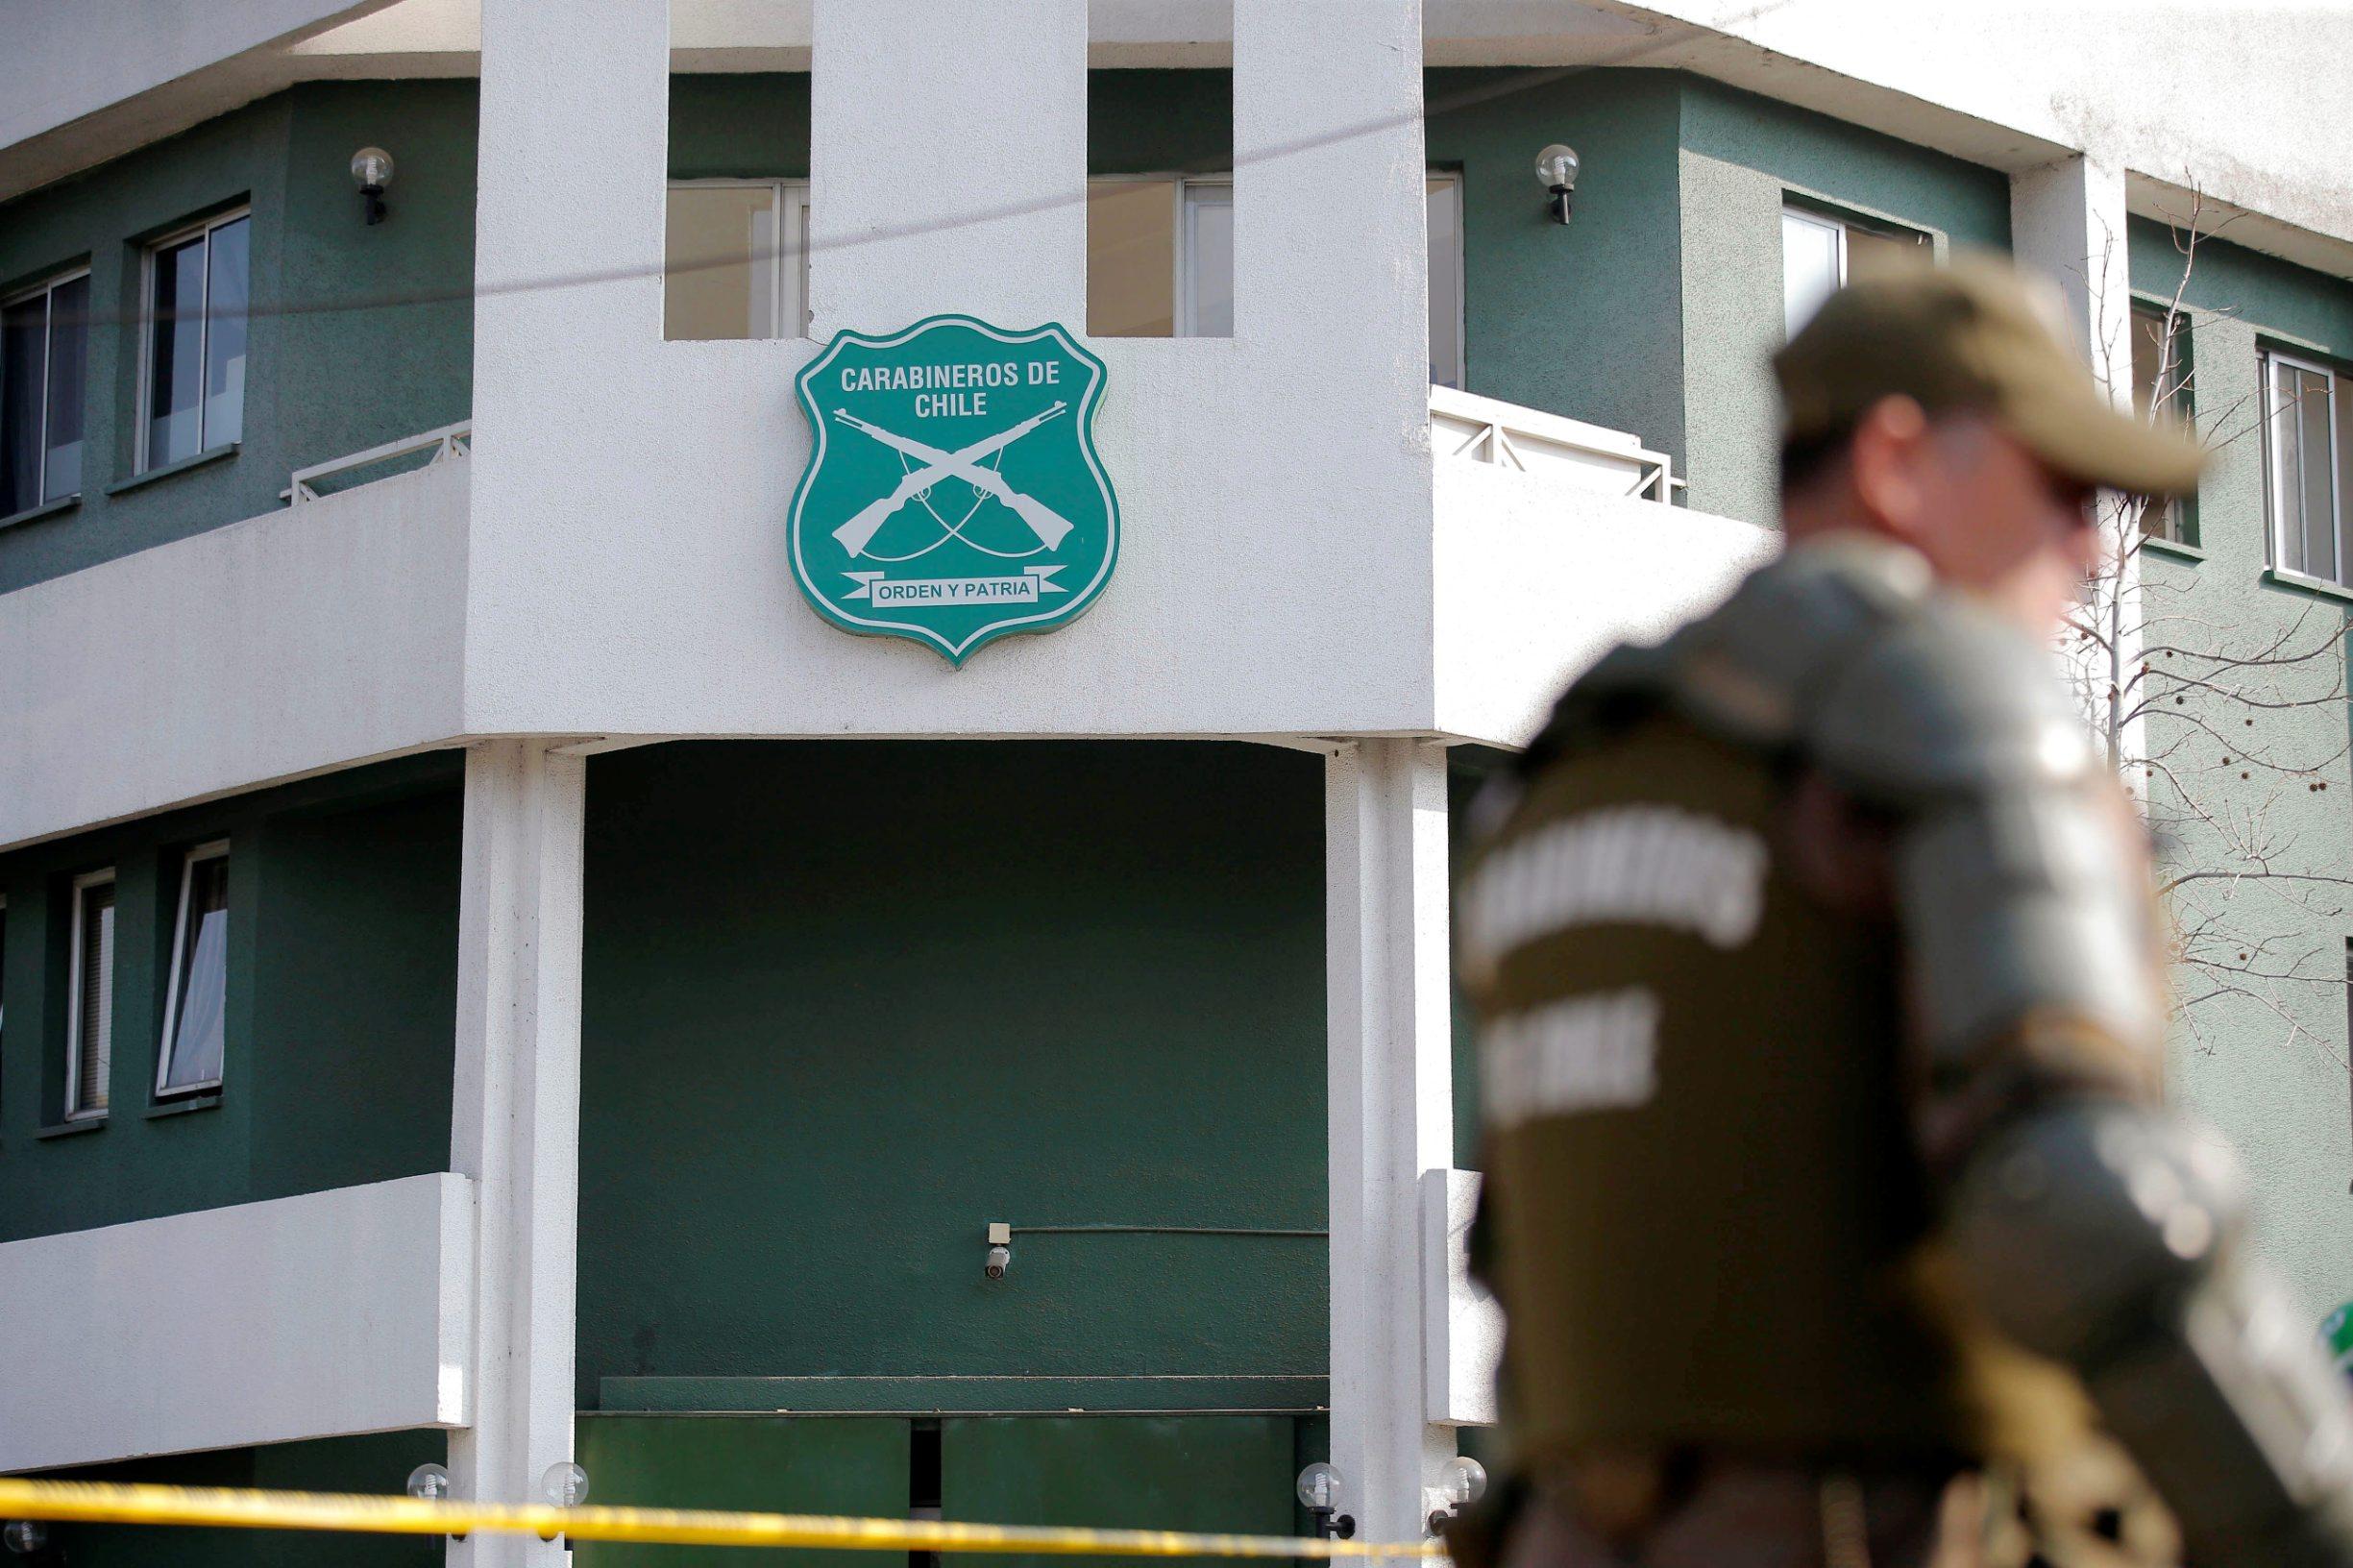 Napad na policijsku stanicu 25. srpnja 2019.